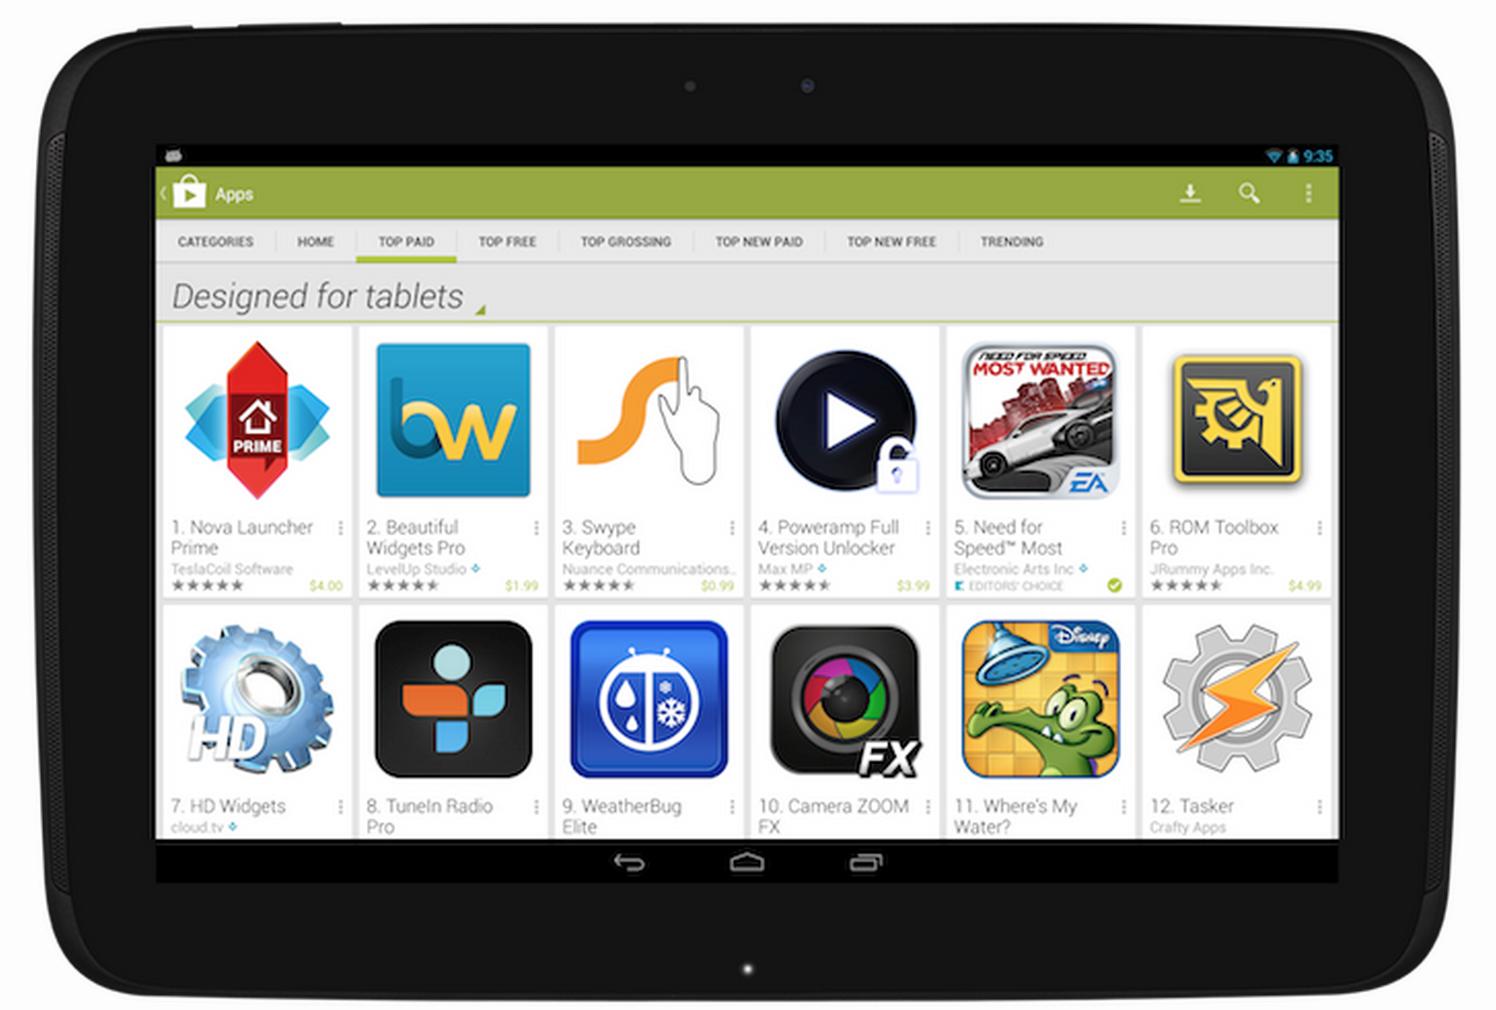 Designed-for-tablets